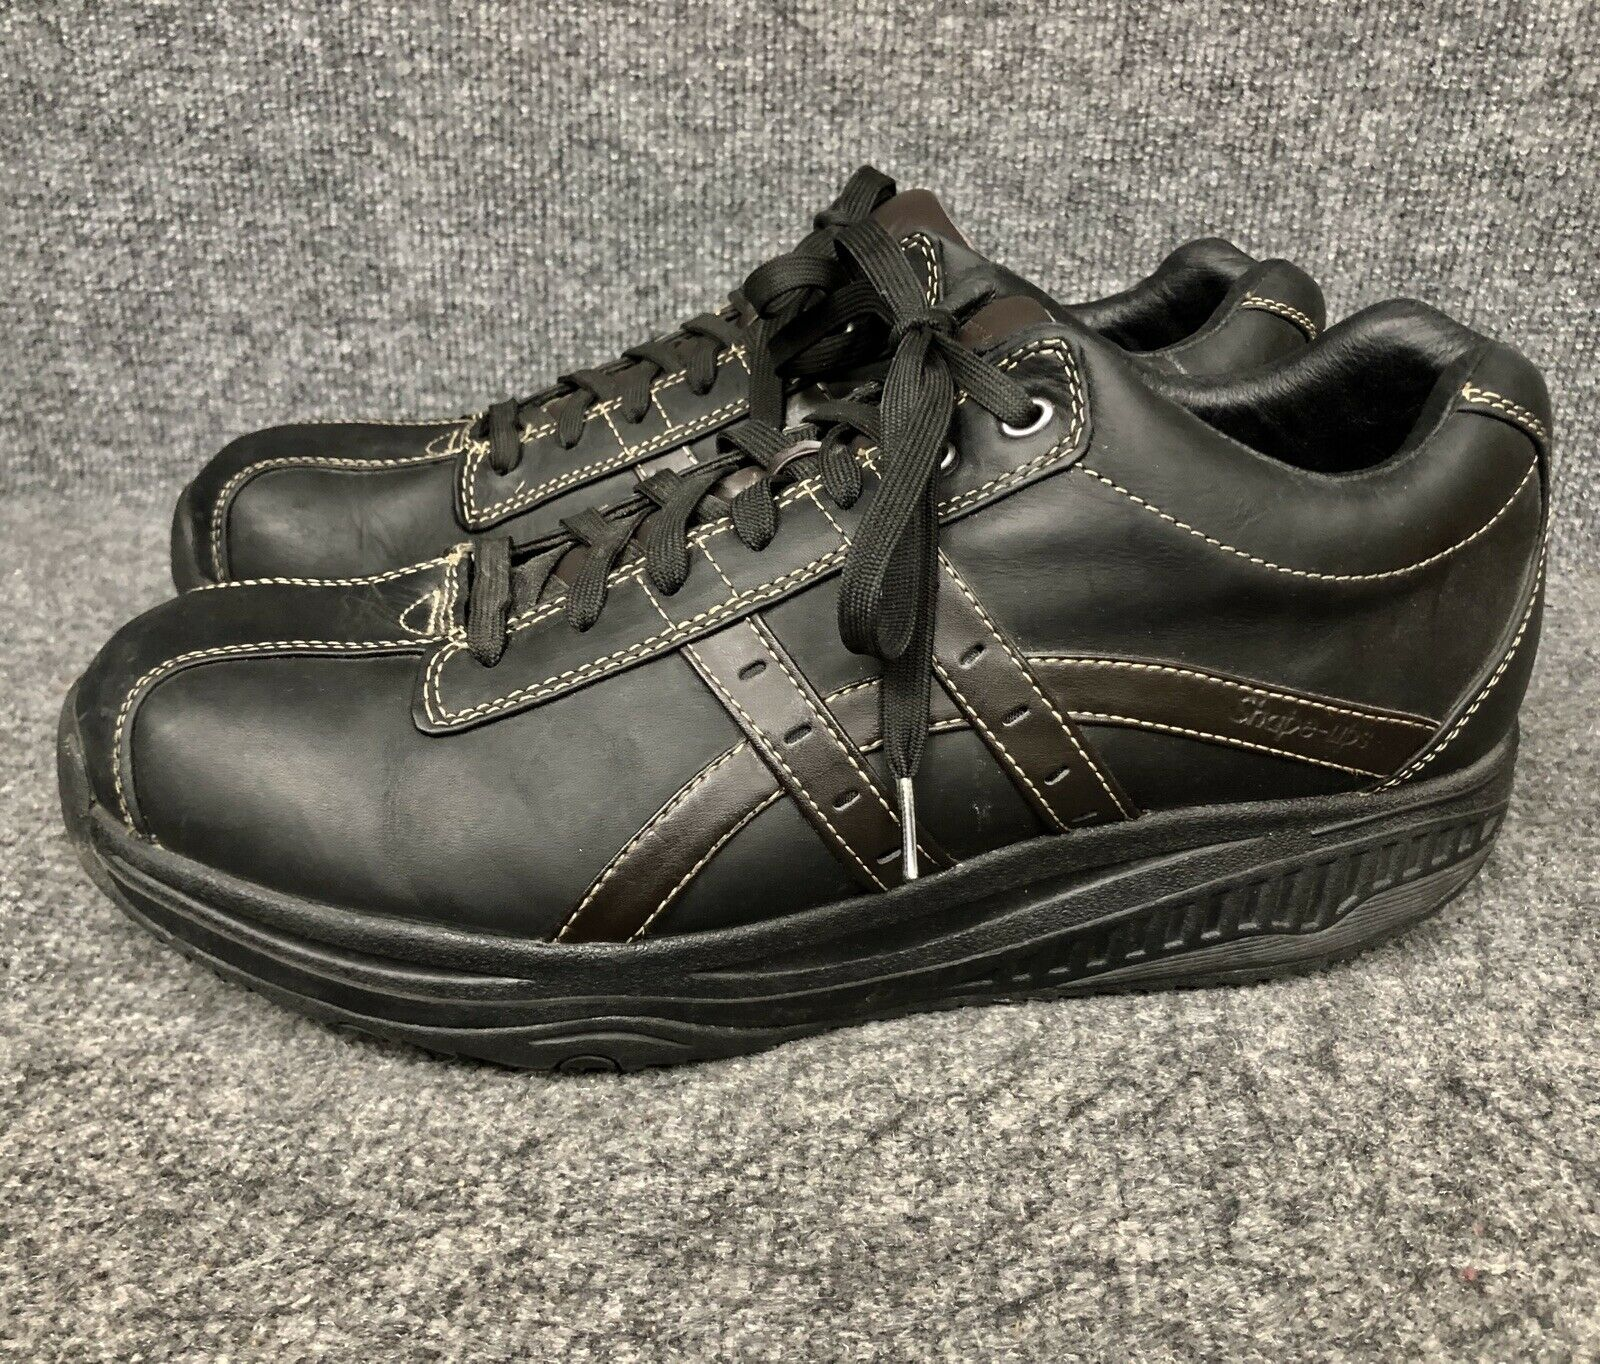 SKECHERS 66504 forma UPS XT OVERHAUL Rocker inferior Zapatos Negro para Hombre   como Nuevo